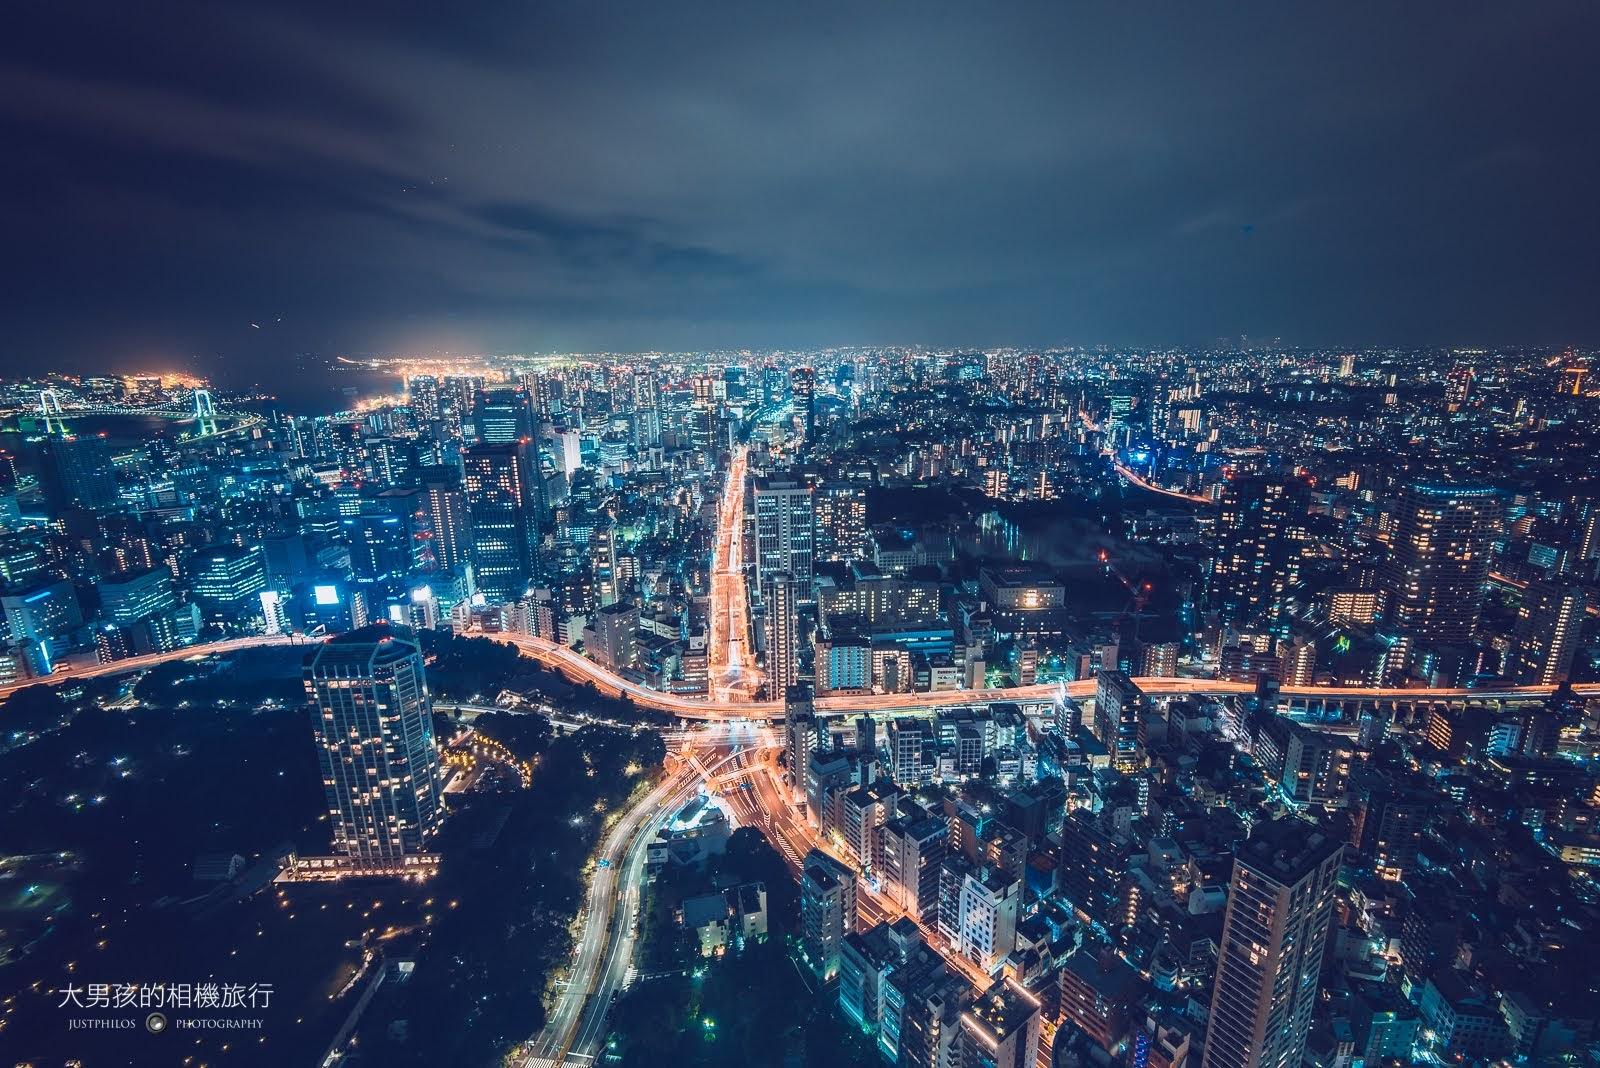 東京鐵塔特別展望台夜景,可從高處遠眺東京市區街景。